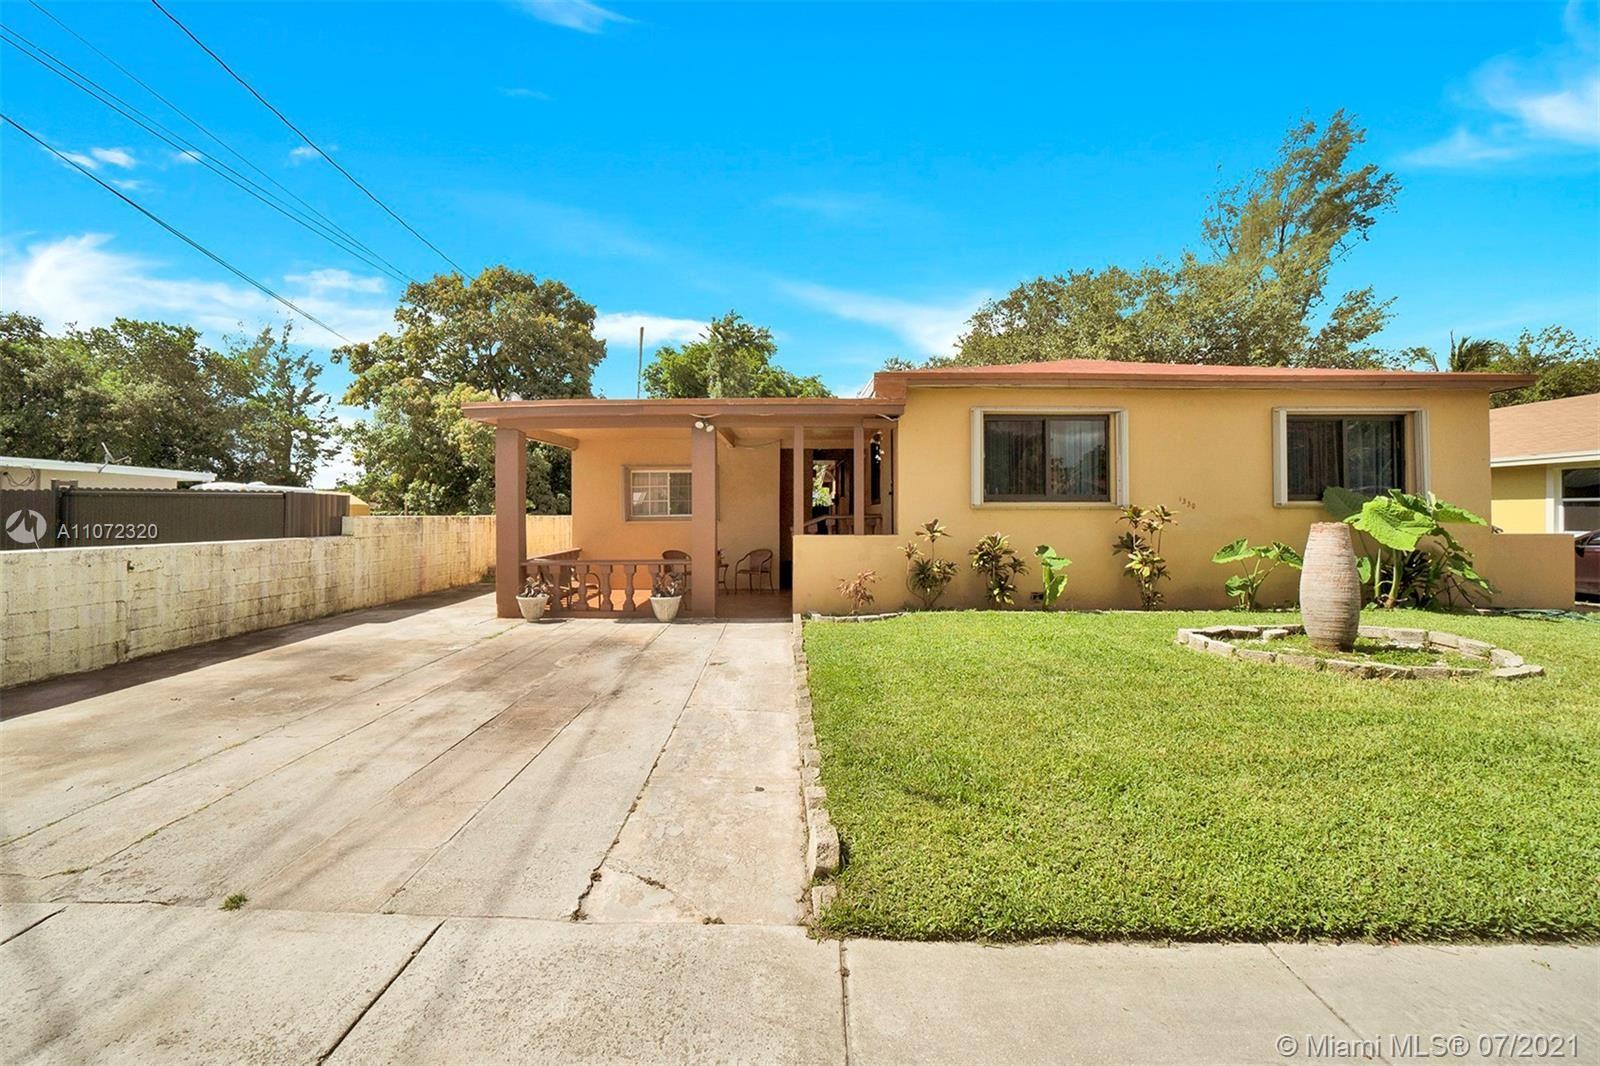 1330 NE 148th St, Miami, FL 33161 - #: A11072320